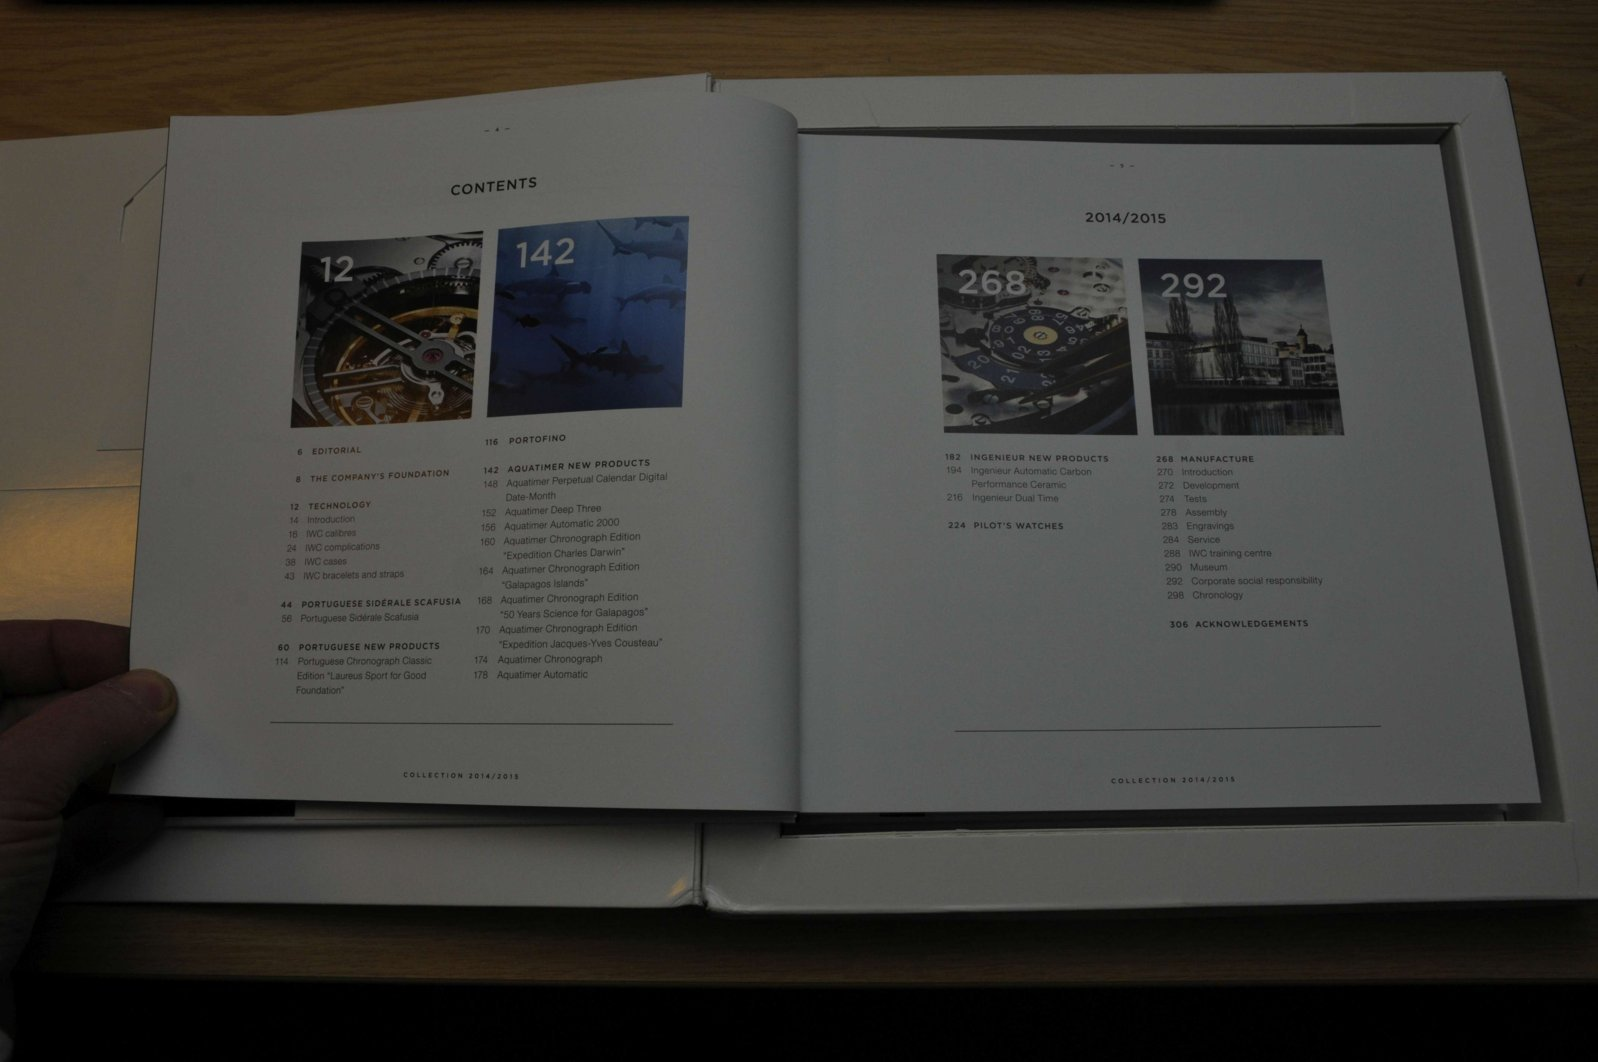 IWC-bok 3.jpg